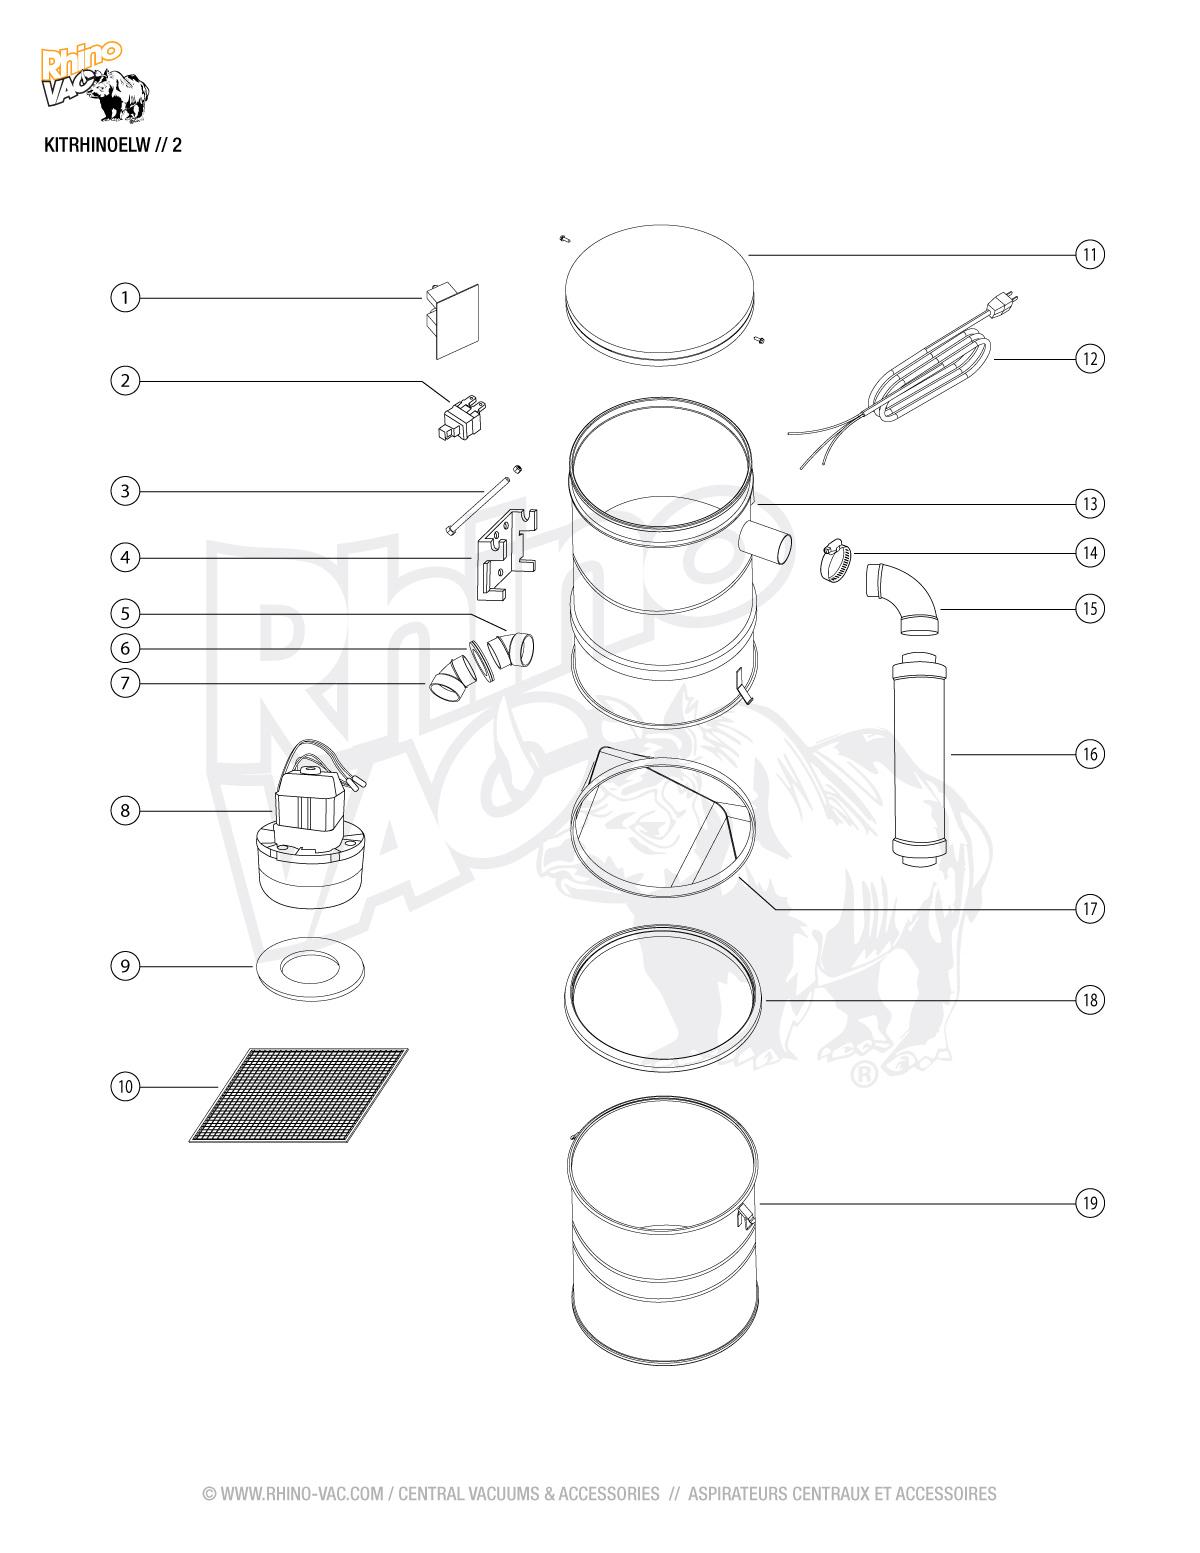 Parts for KITRHINOELW